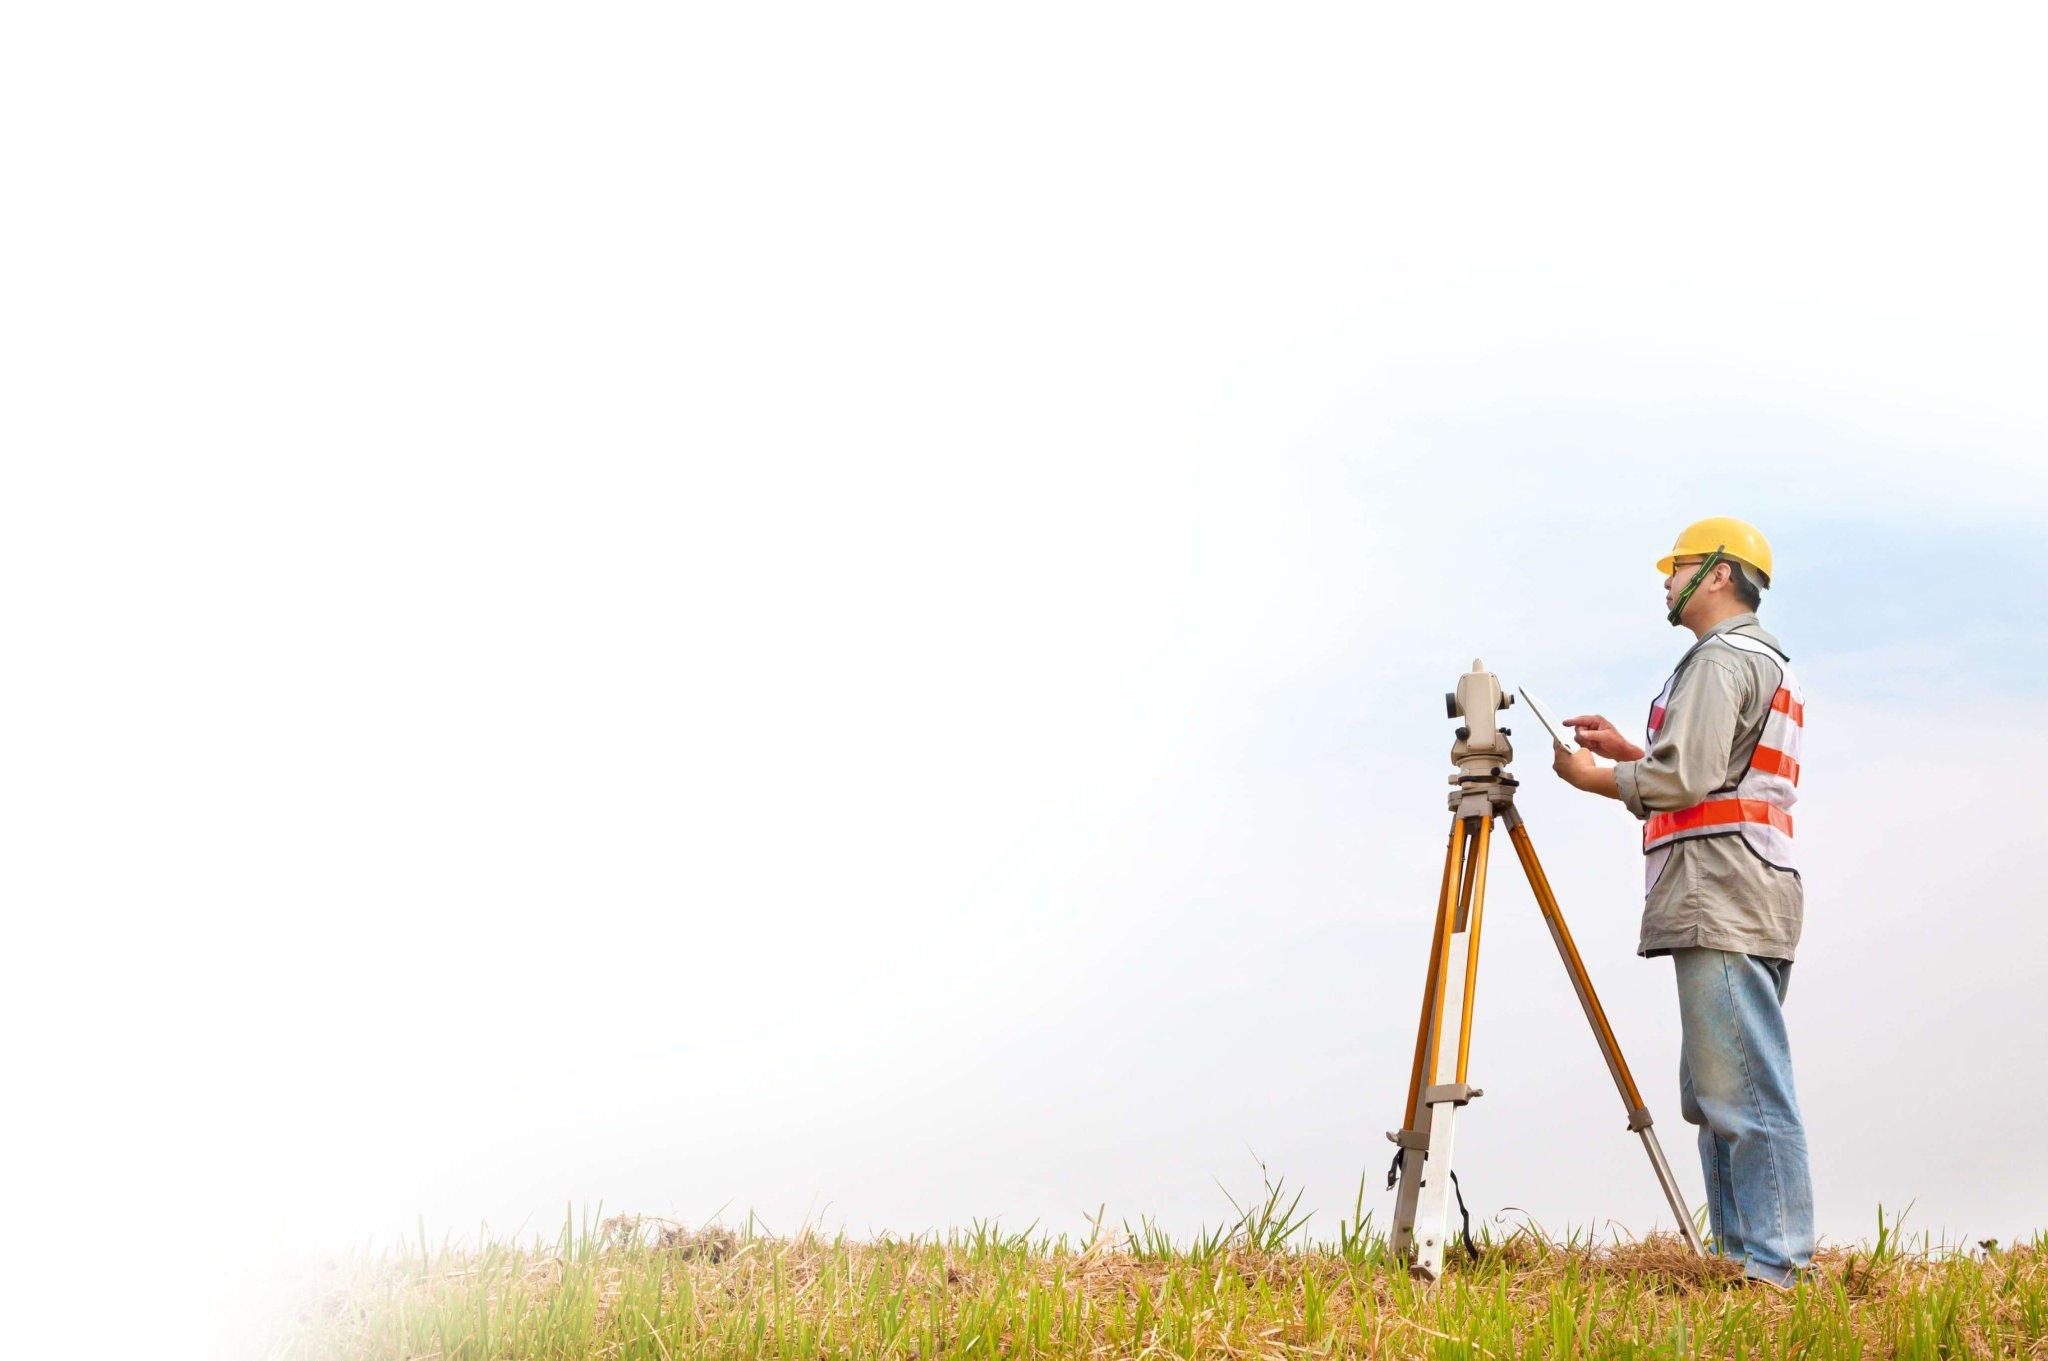 фильтре картинки для кадастровых инженеров сироп кашля